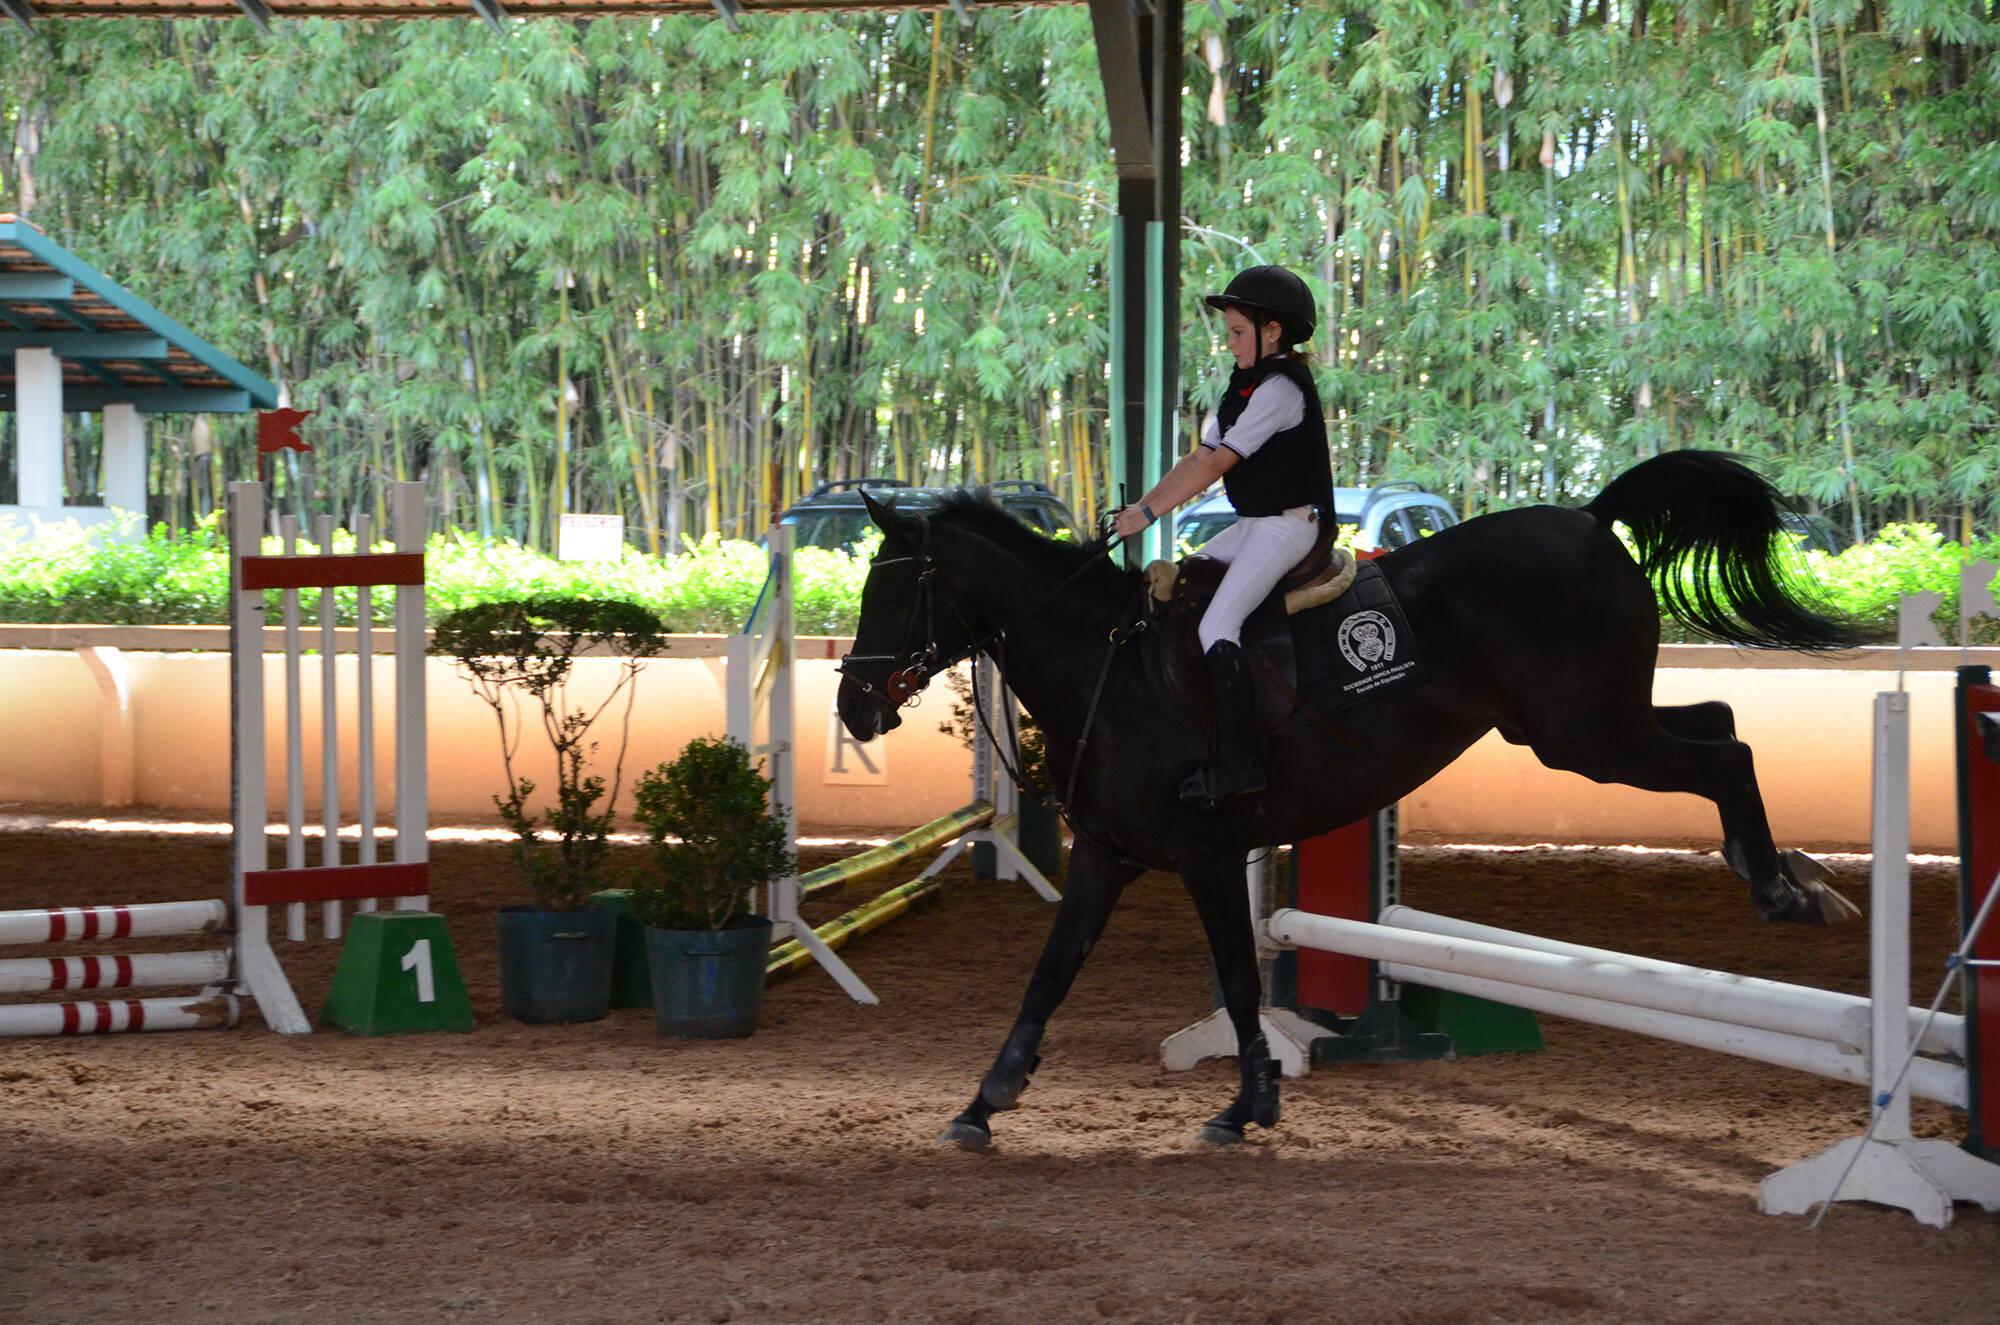 Criança participando de uma prova de salto no picadeiro coberto da escola de equitação da Sociedade Hípica Paulista. Foto: Divulgação/Hípica Paulista